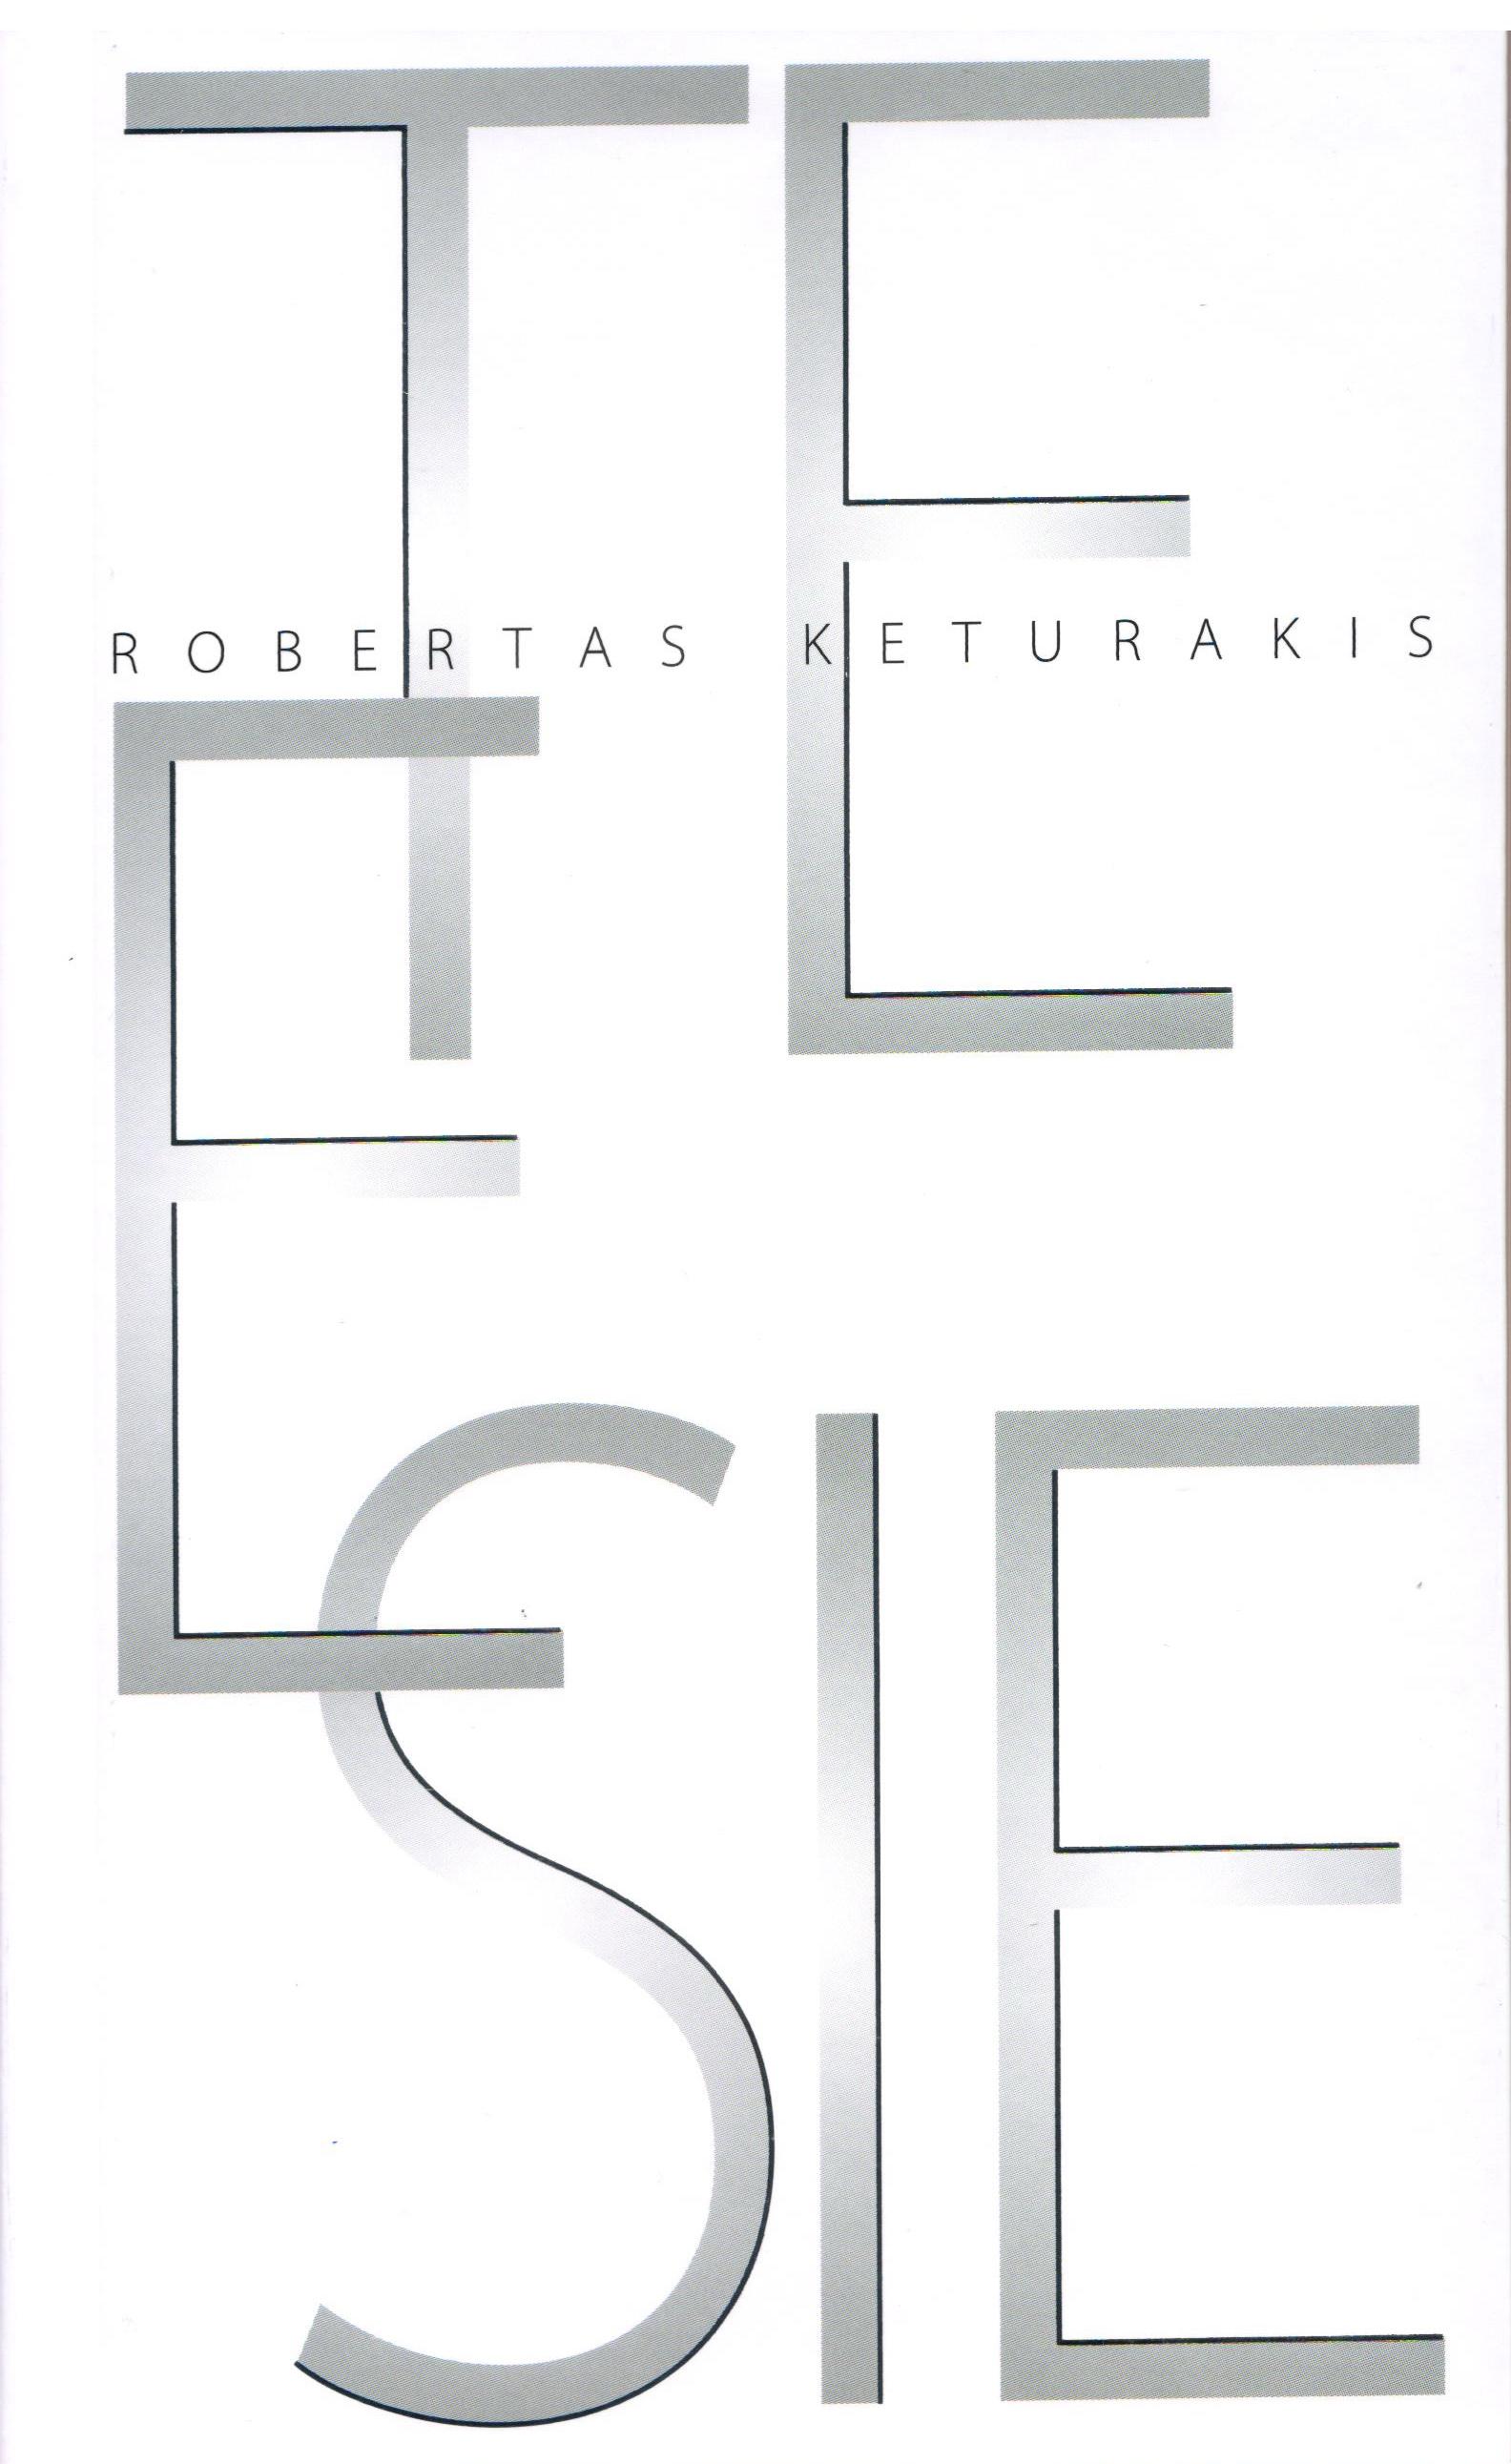 """Robertas Keturakis. """"Teesie"""" (Kaunas: Pasaulio lietuvių kultūros, mokslo ir švietimo centras, 2019)"""